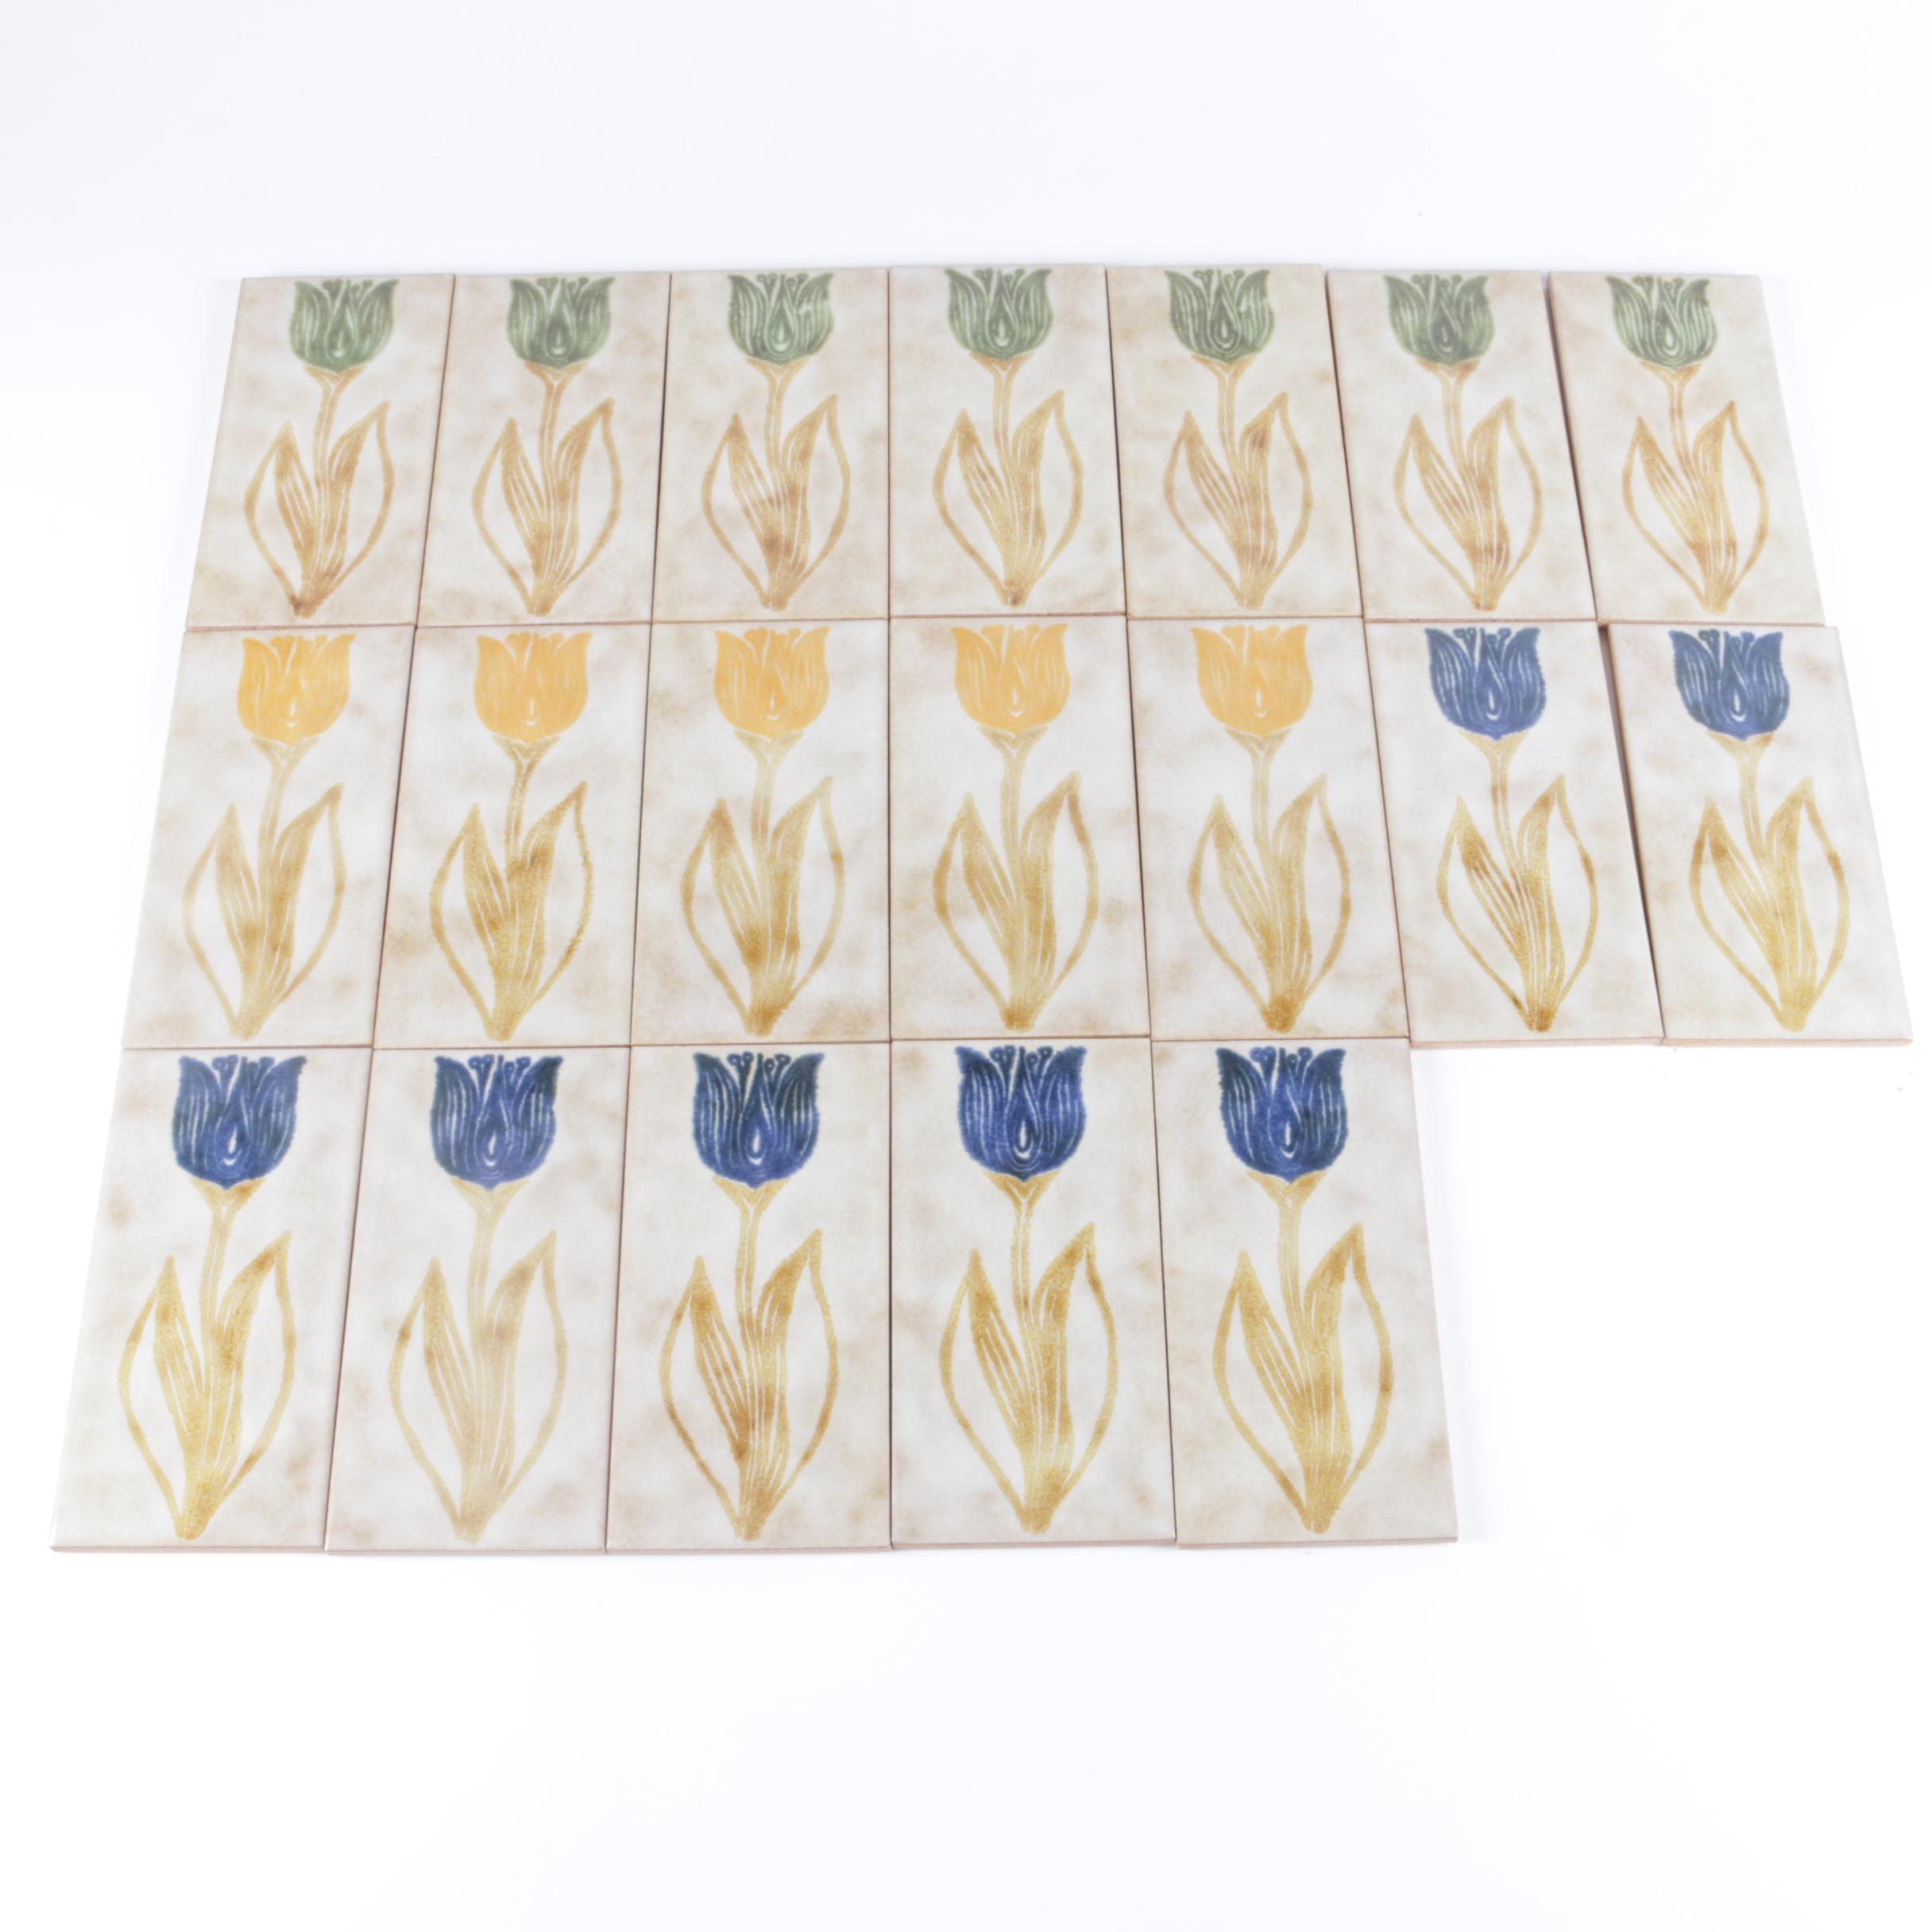 Set of Hand-Painted Italian Ceramic Tulip Tiles